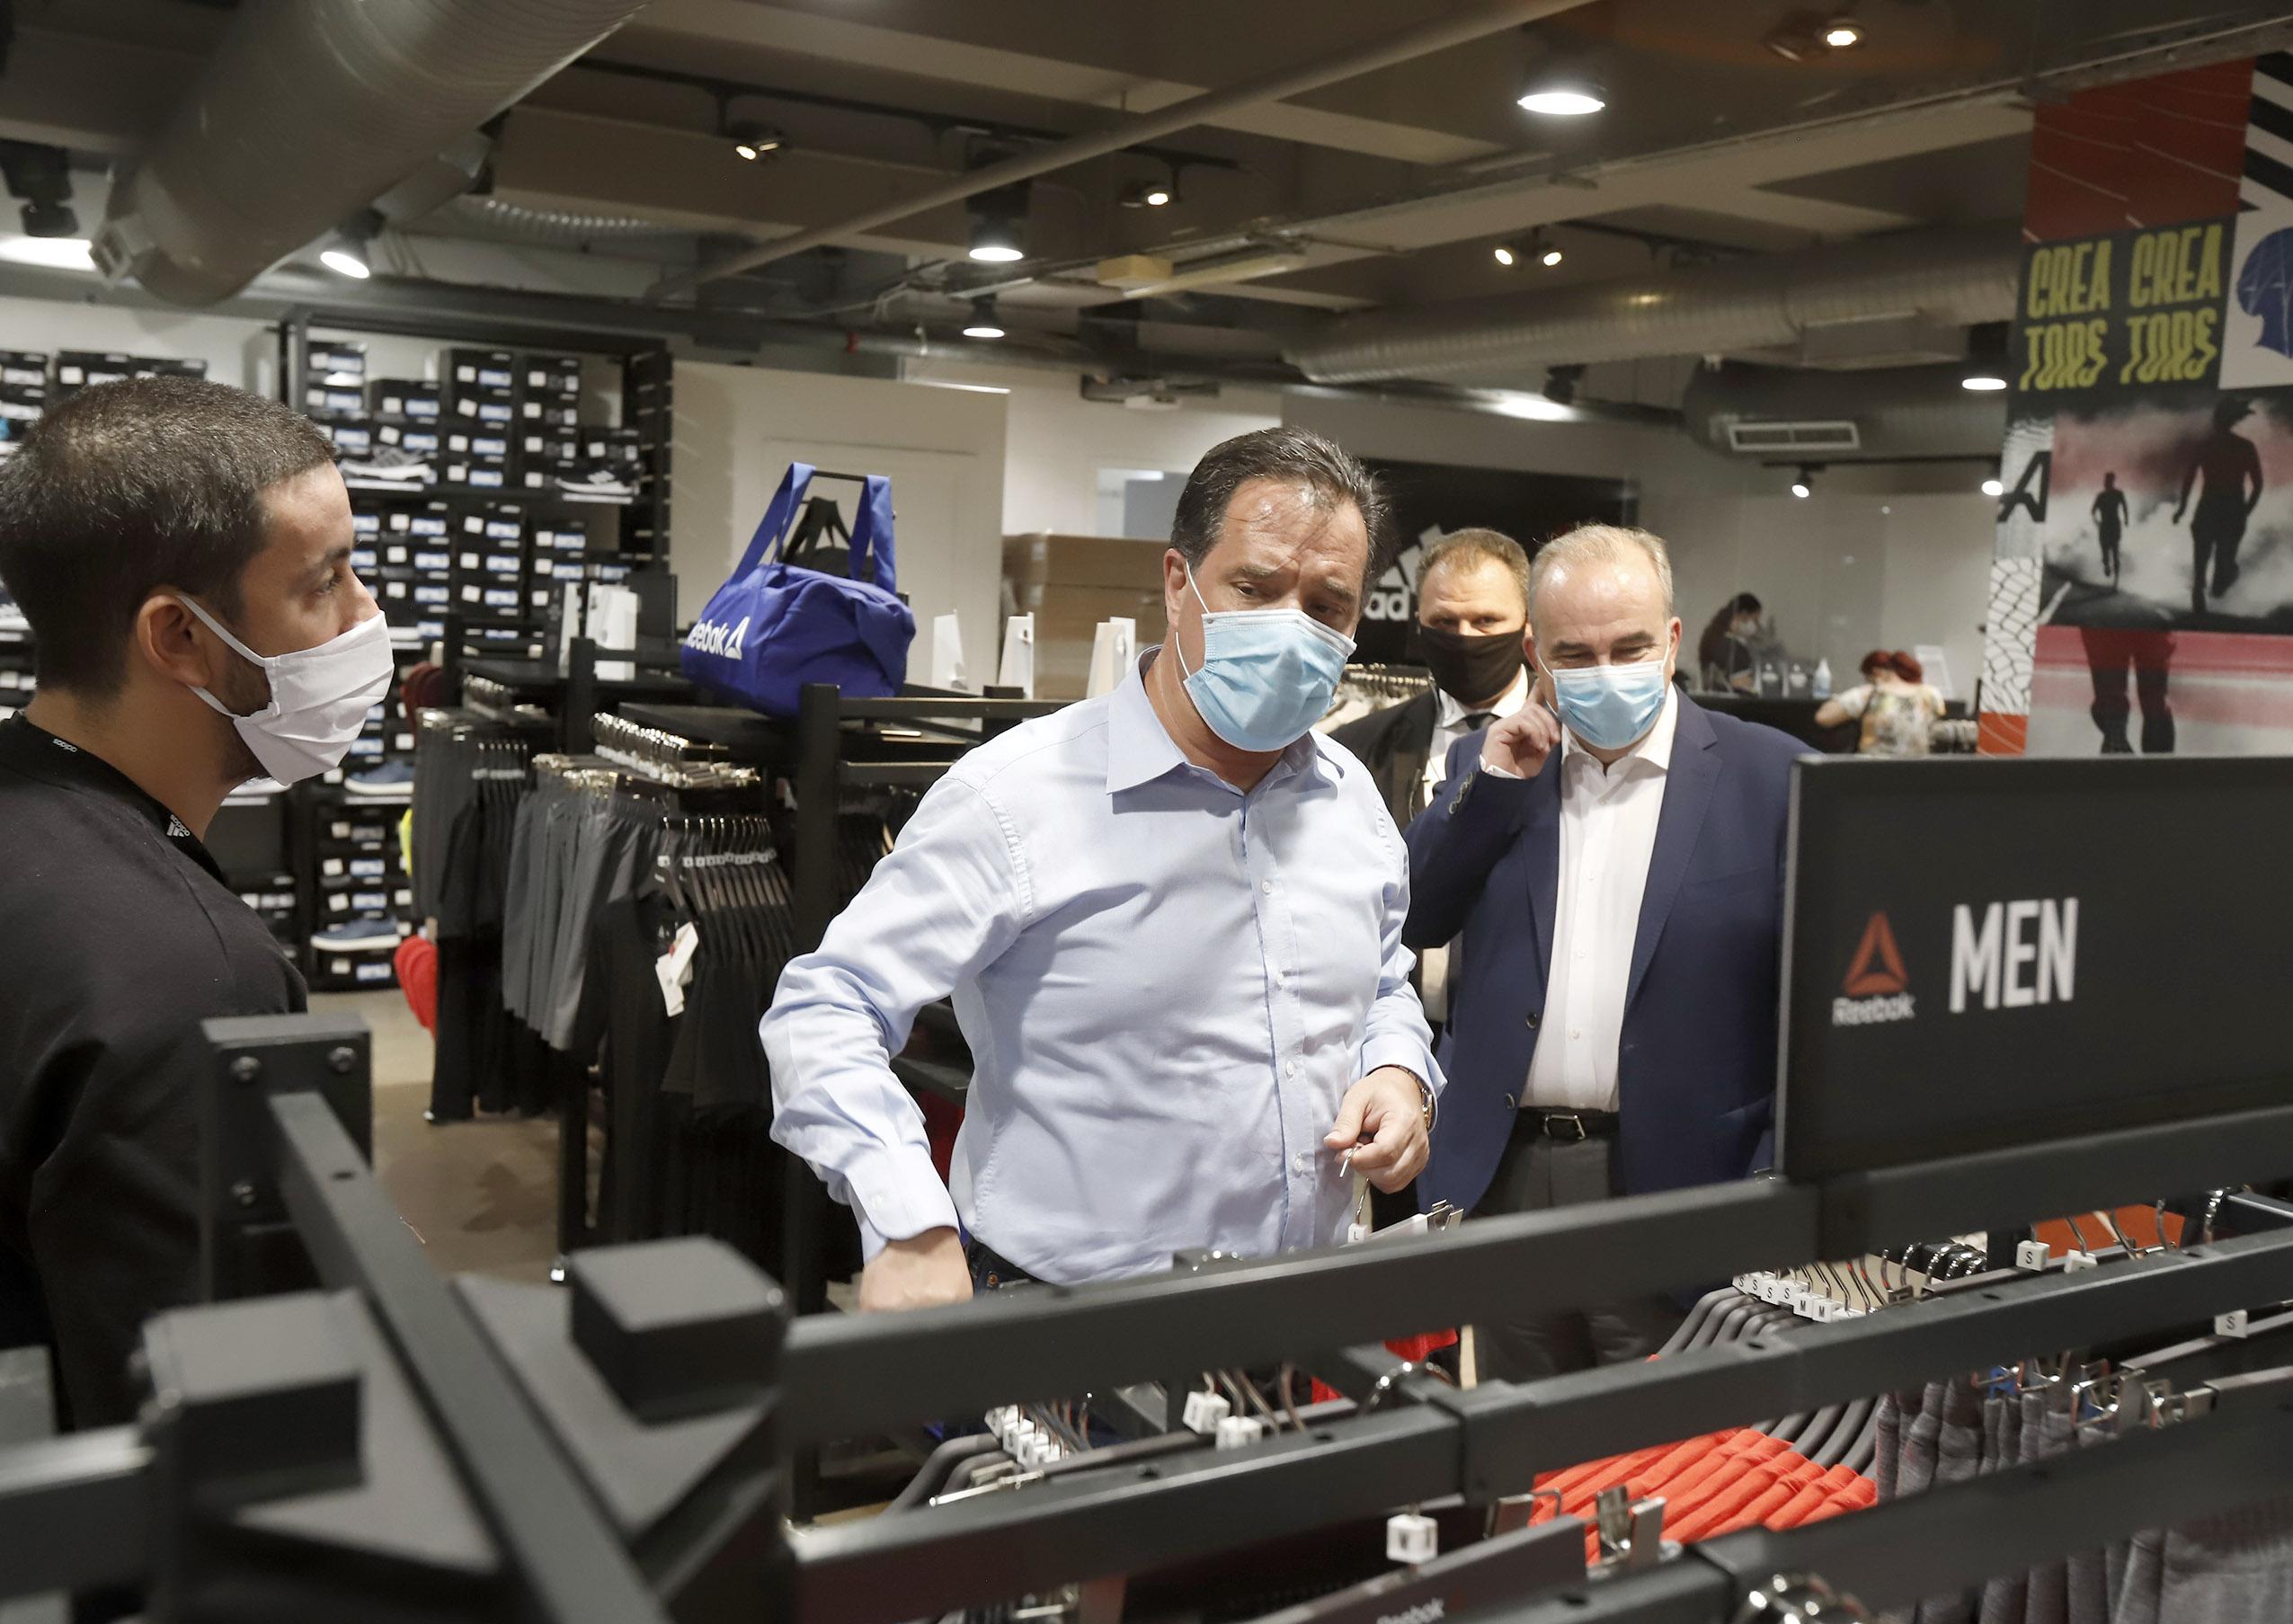 Αυτοψία του Υπουργού Ανάπτυξης & Επενδύσεων, κ. Άδωνι Γεωργιάδη και του Υφυπουργού, κ. Νίκου Παπαθανάση σε εμπορικό κέντρο της Αθήνας